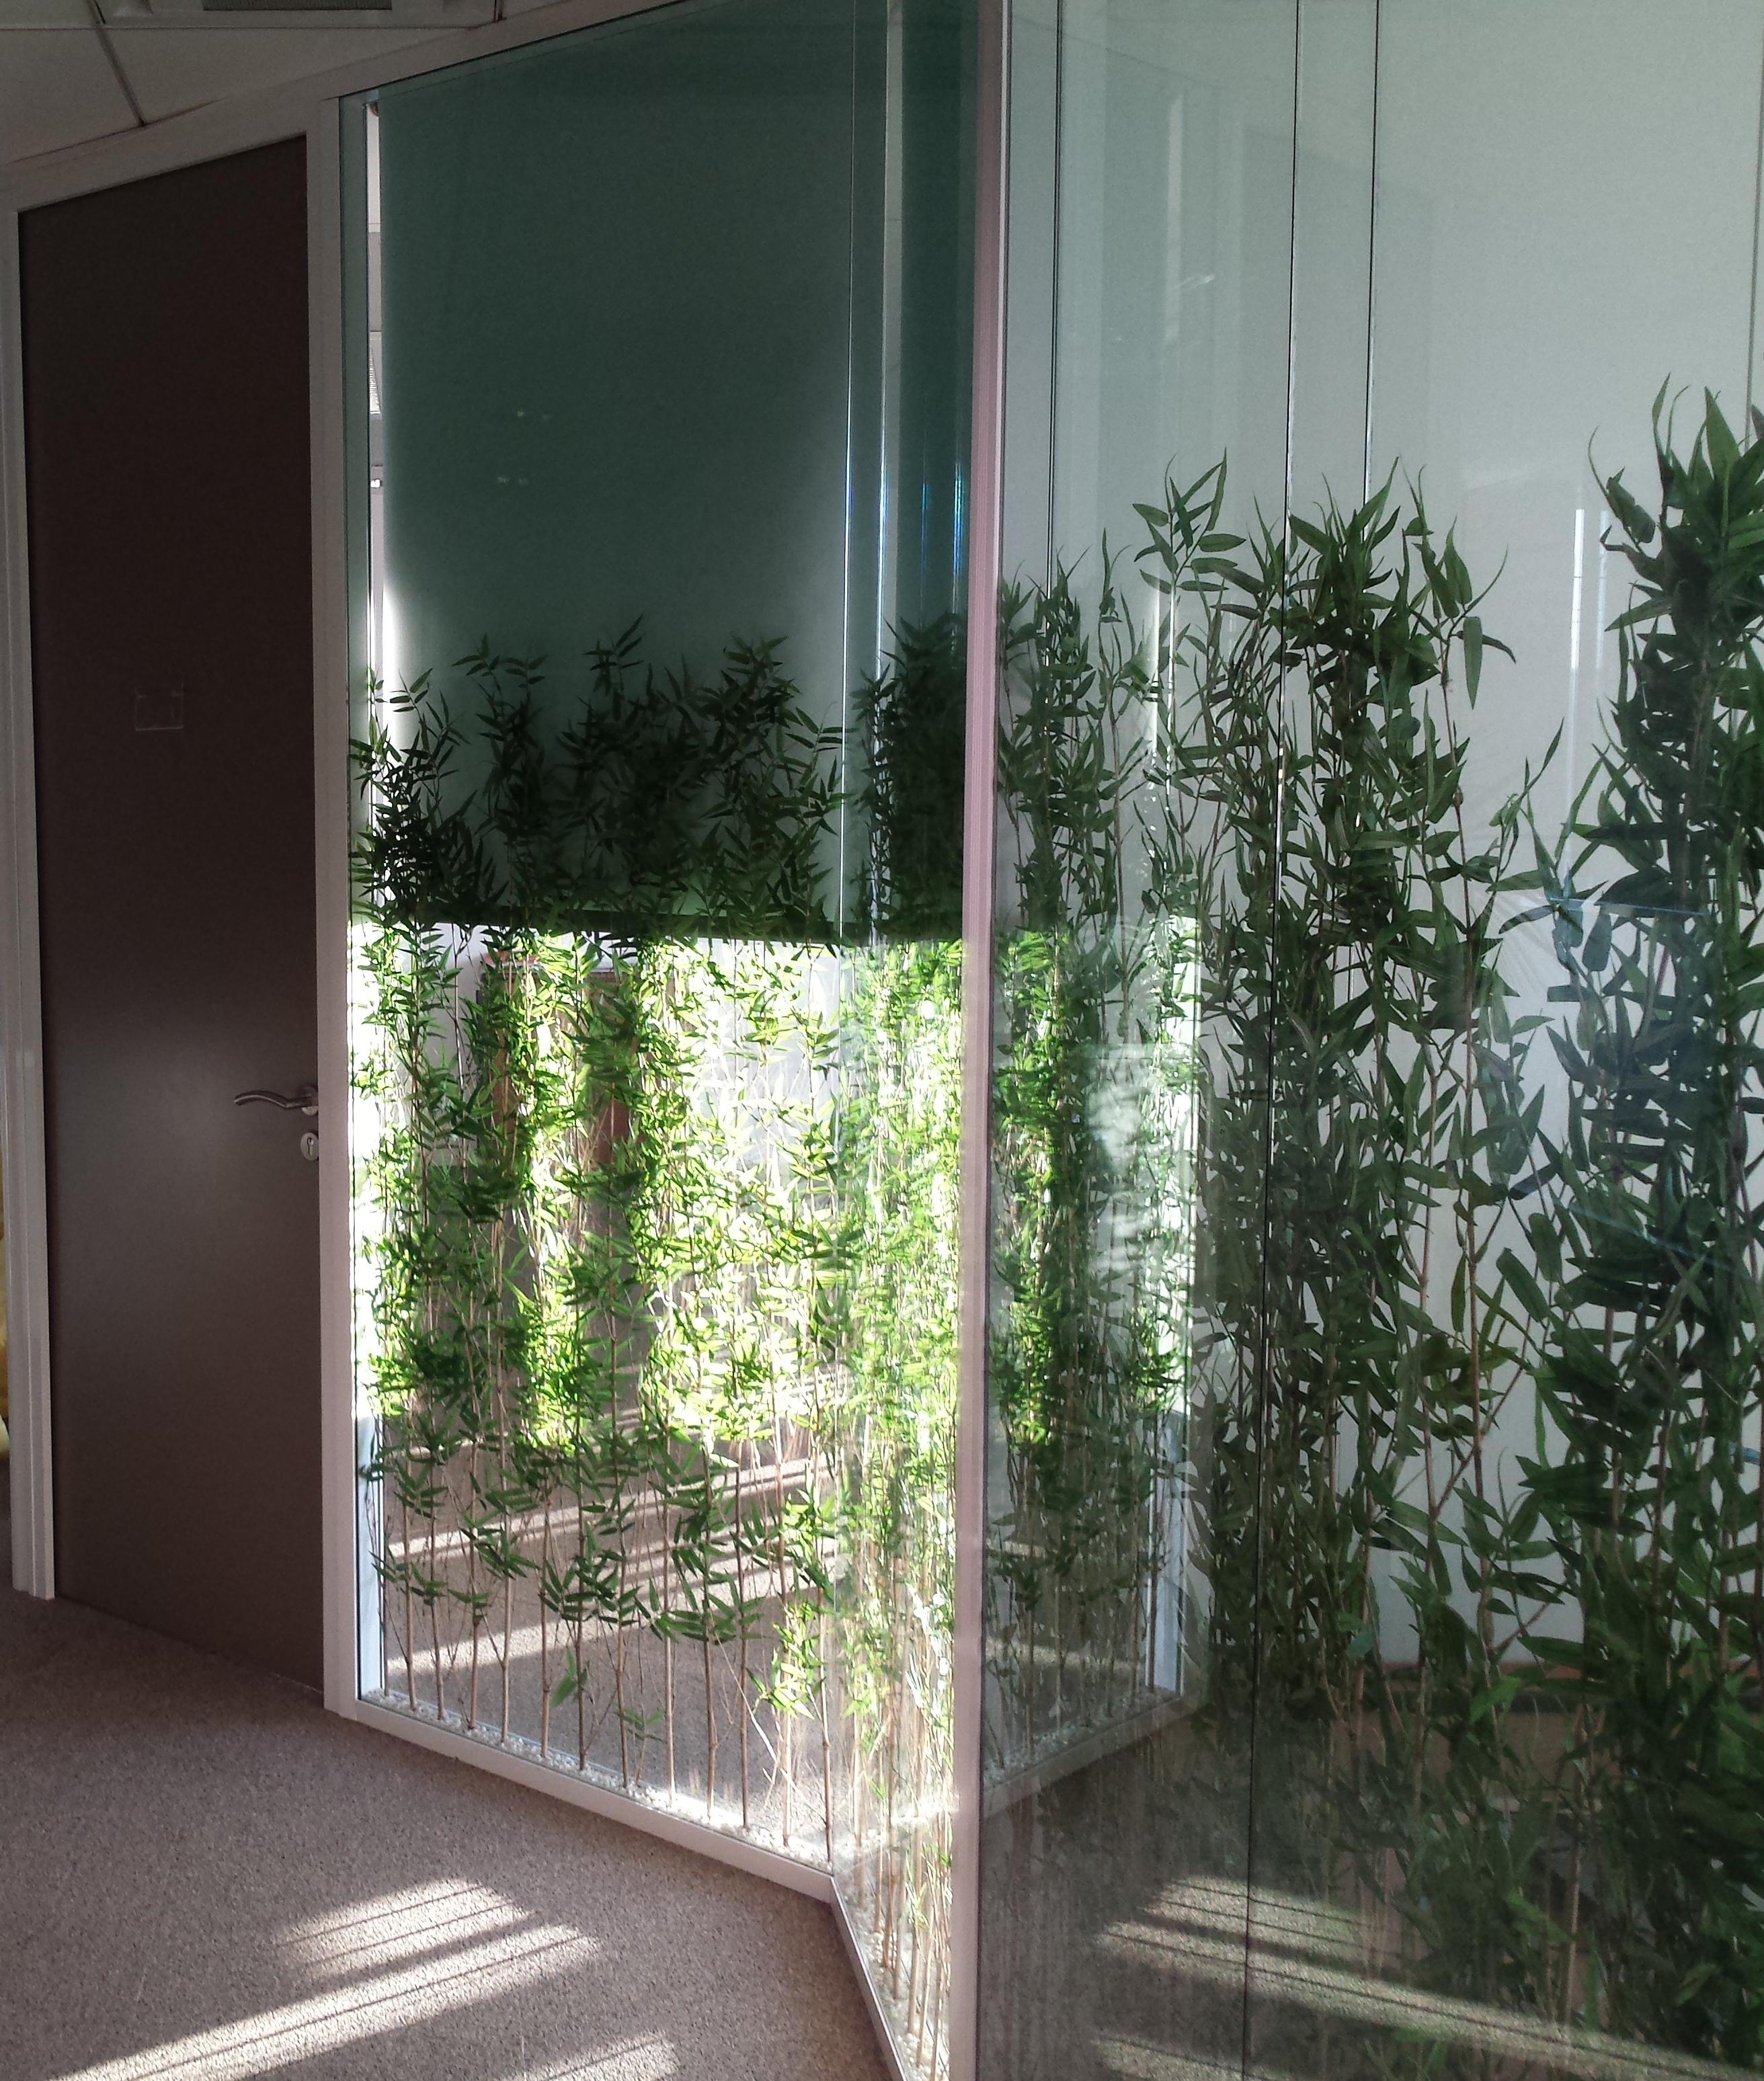 Cloison Plante cloisons-vitree-plante-espace-cloisons (2) | espace cloisons alu ile